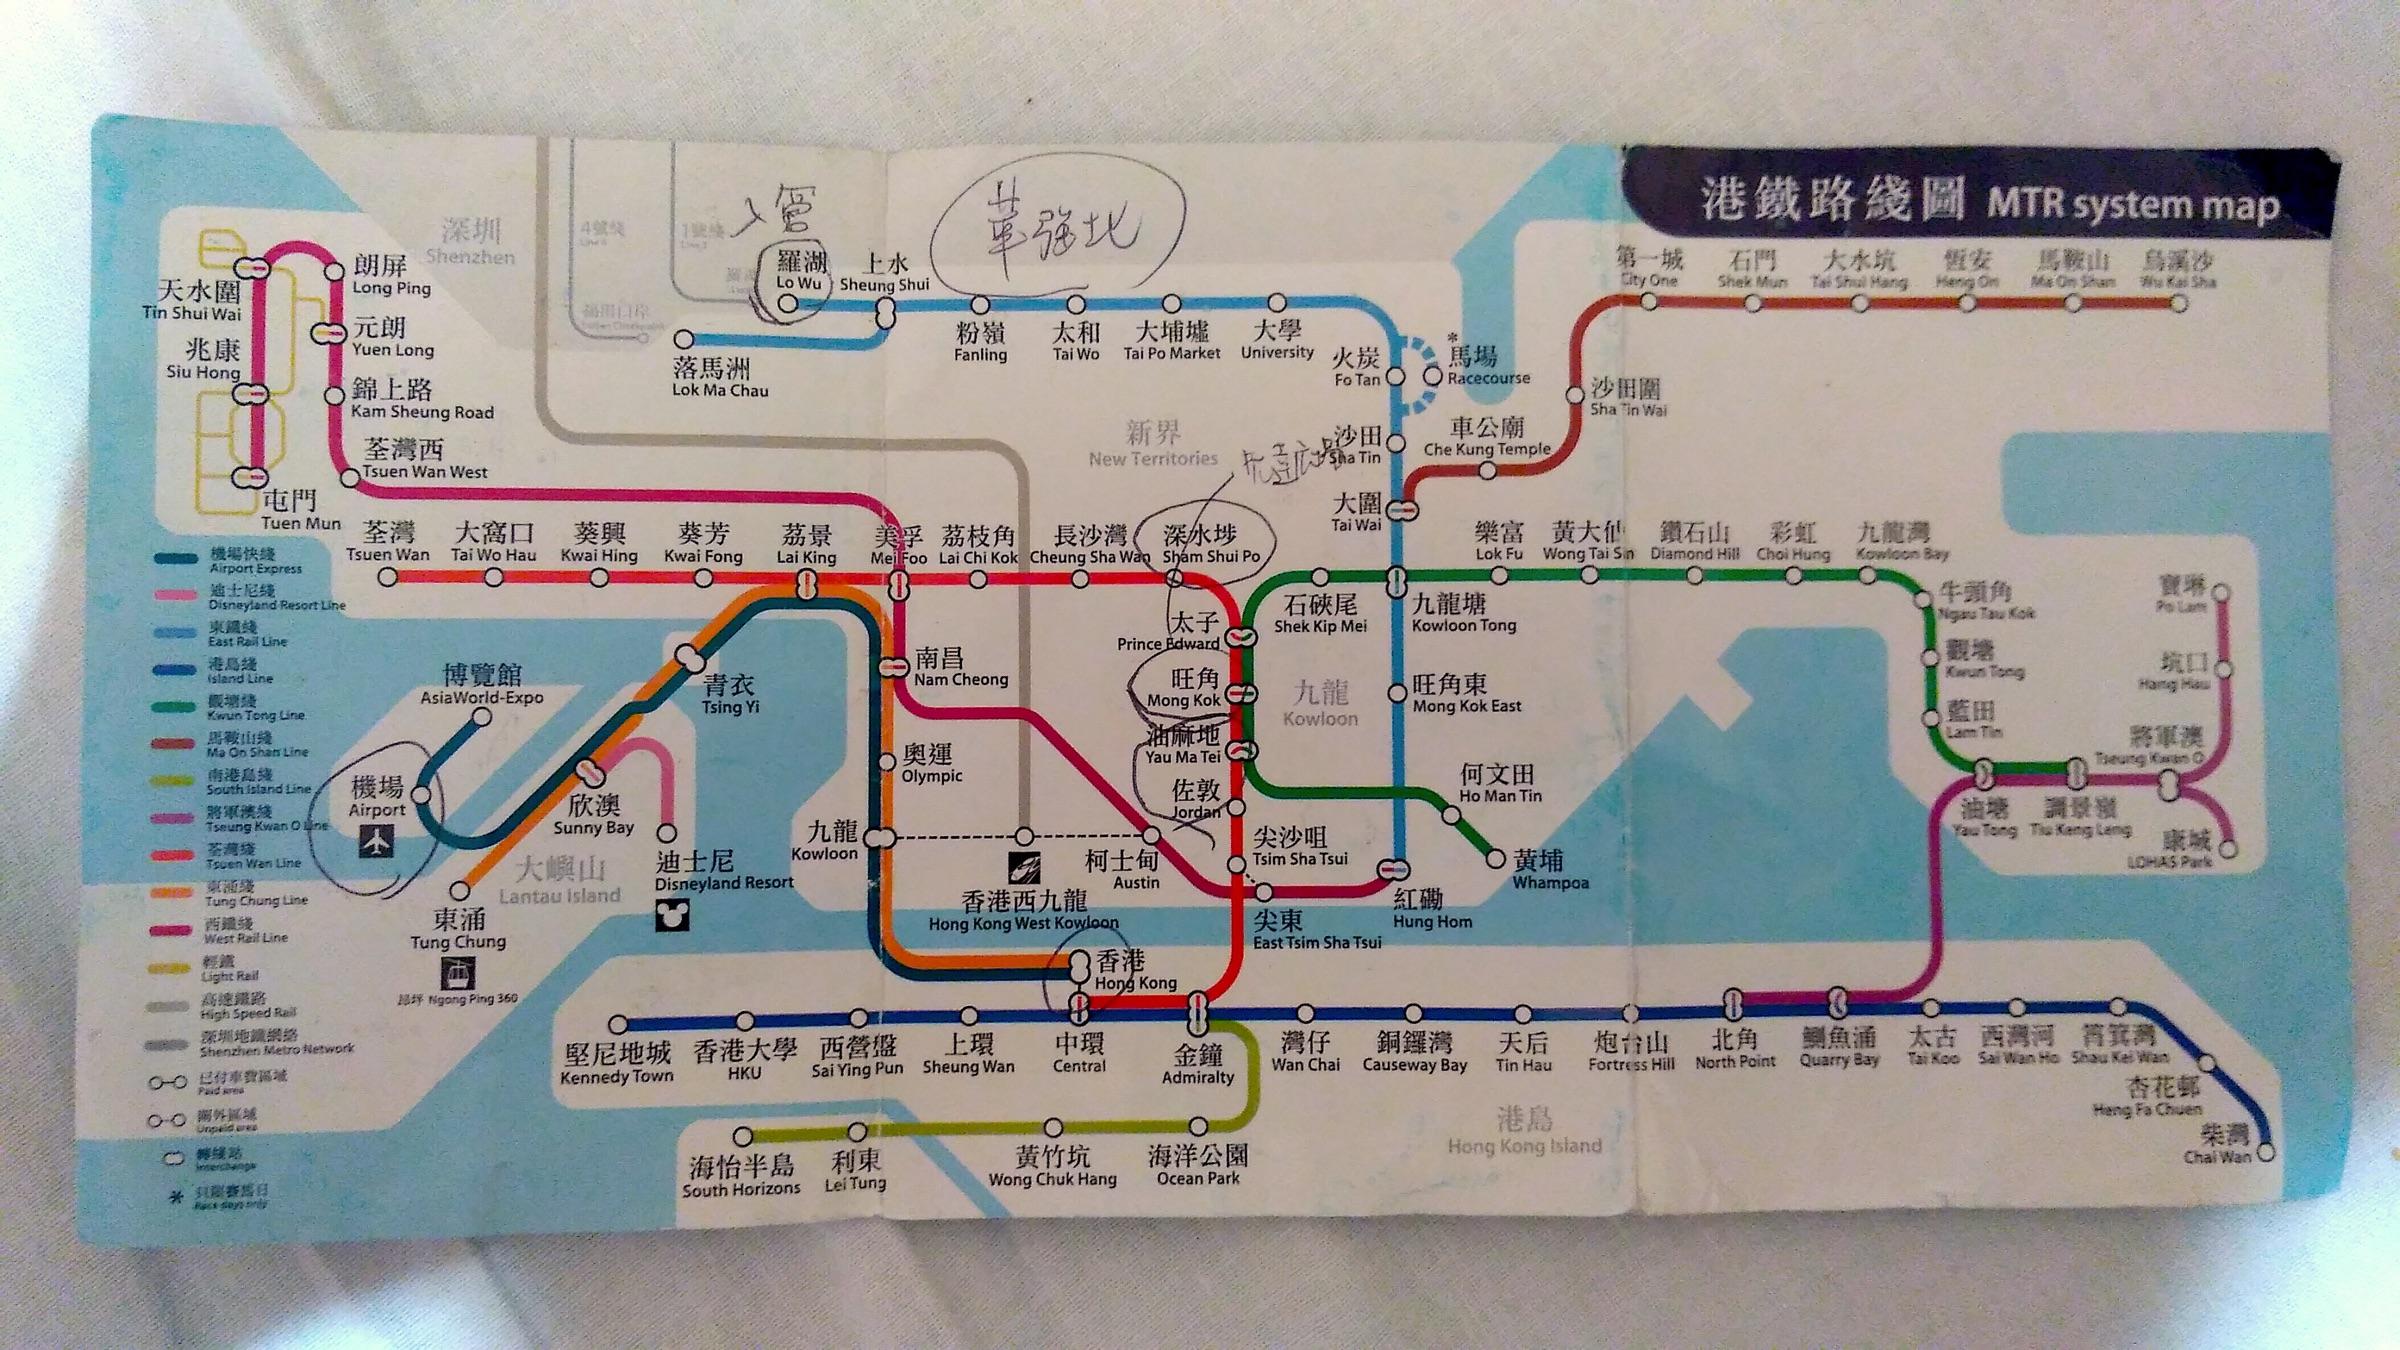 香港地下鉄MTR路線図_[0]